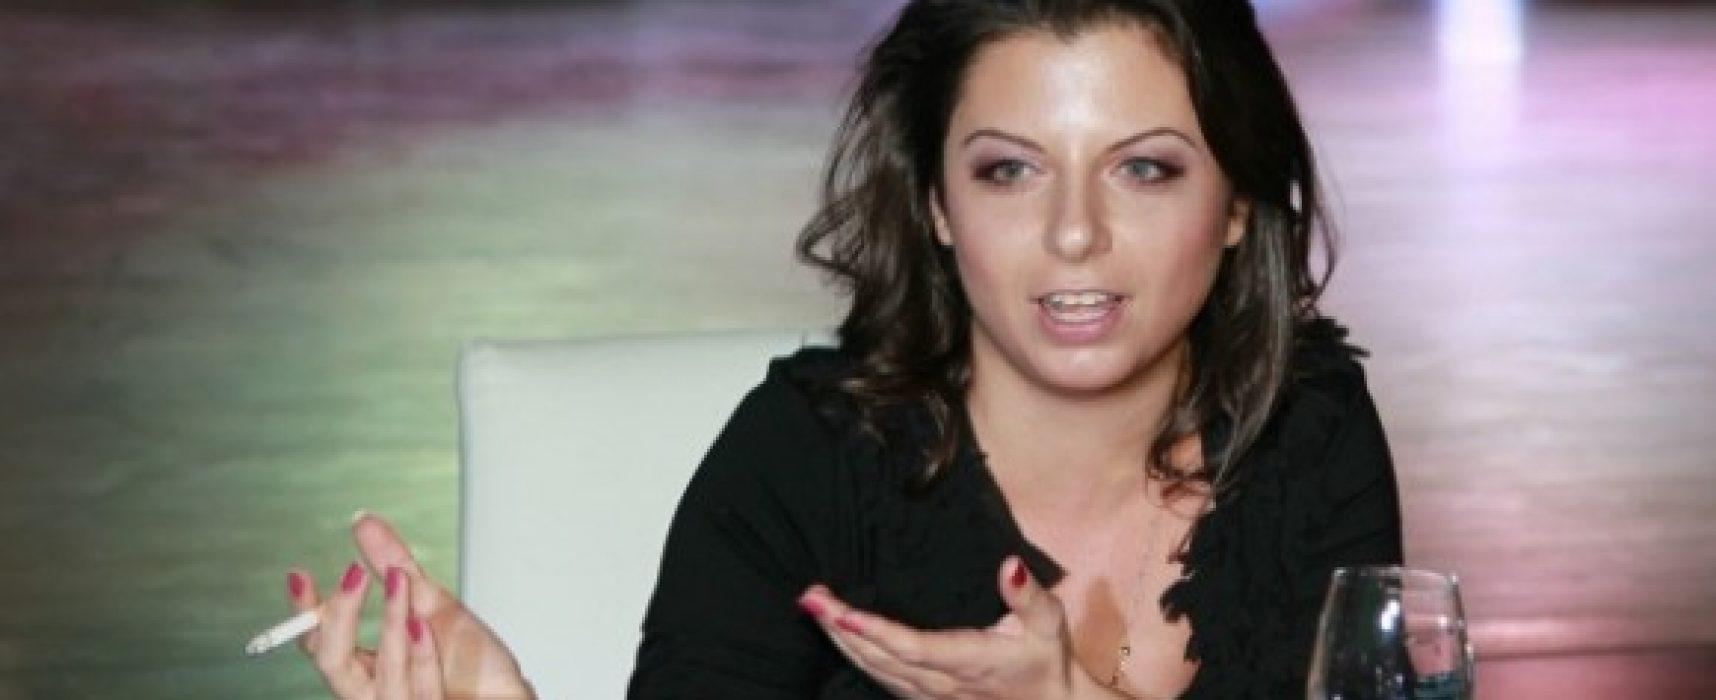 Маргарита Симоньян обиделась на французские власти за обвинения в пропаганде. 3 примера фейков RT и Sputnik о Франции